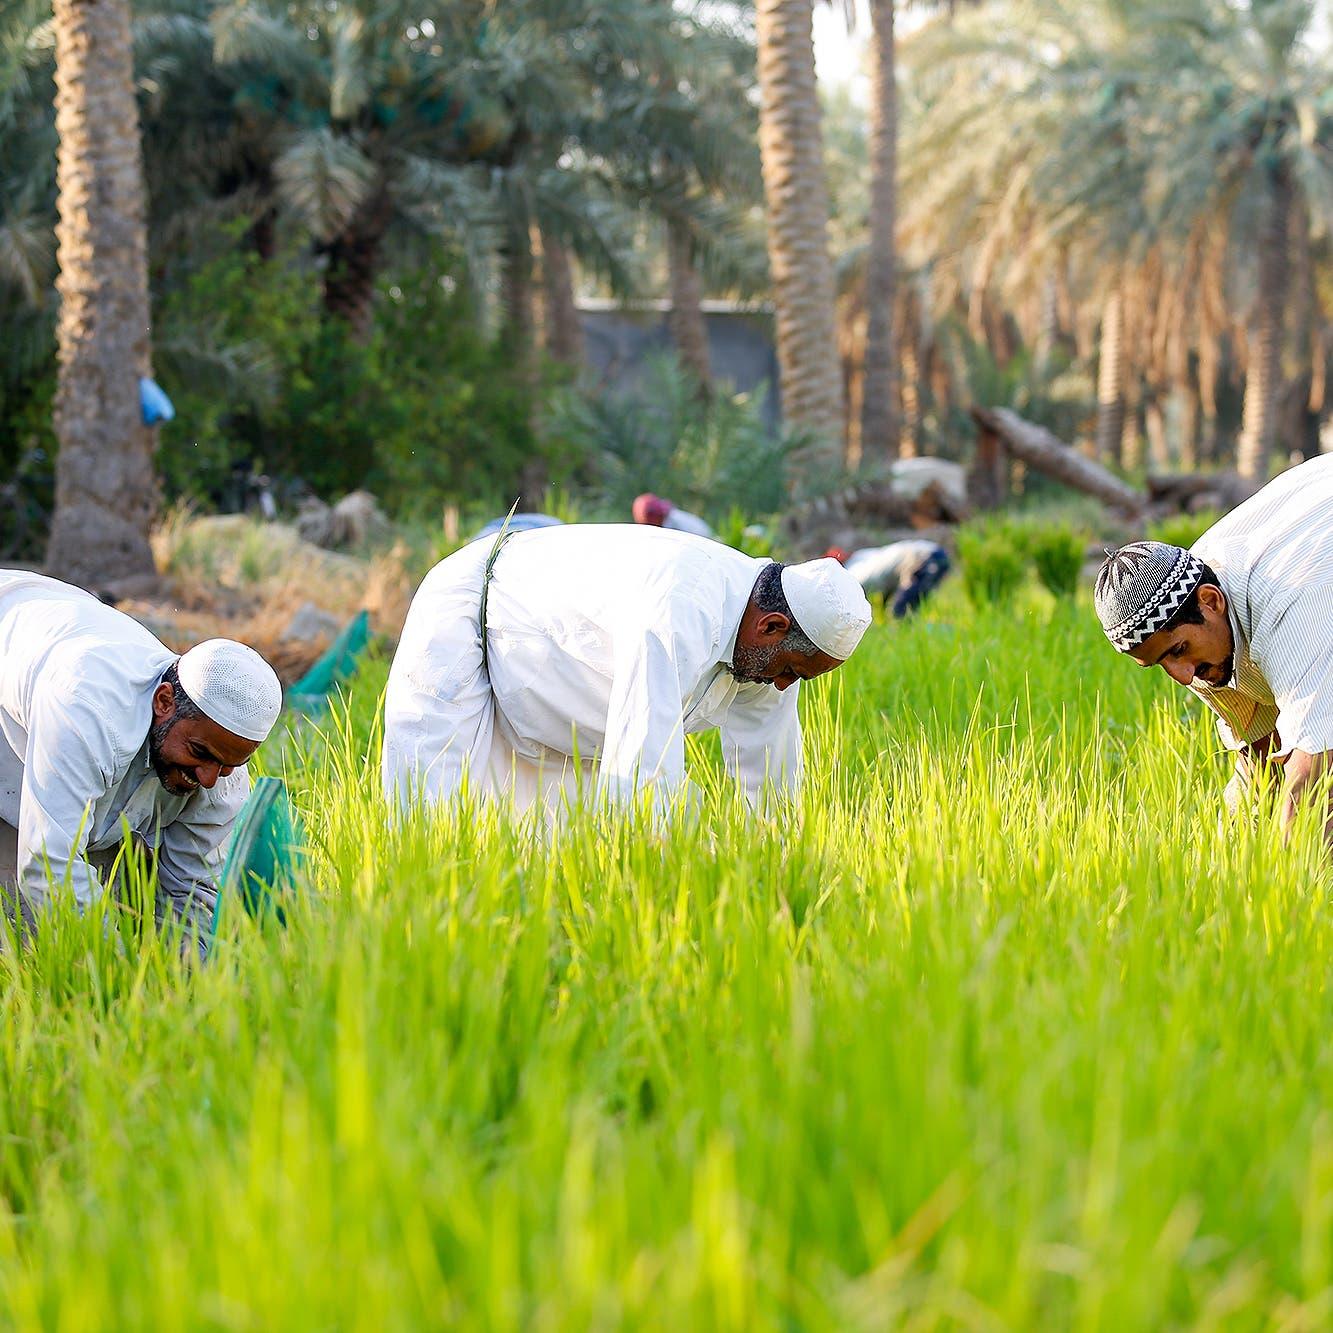 صور لمزارع الأحساء التي تنتج الأرزالأغلى في العالم